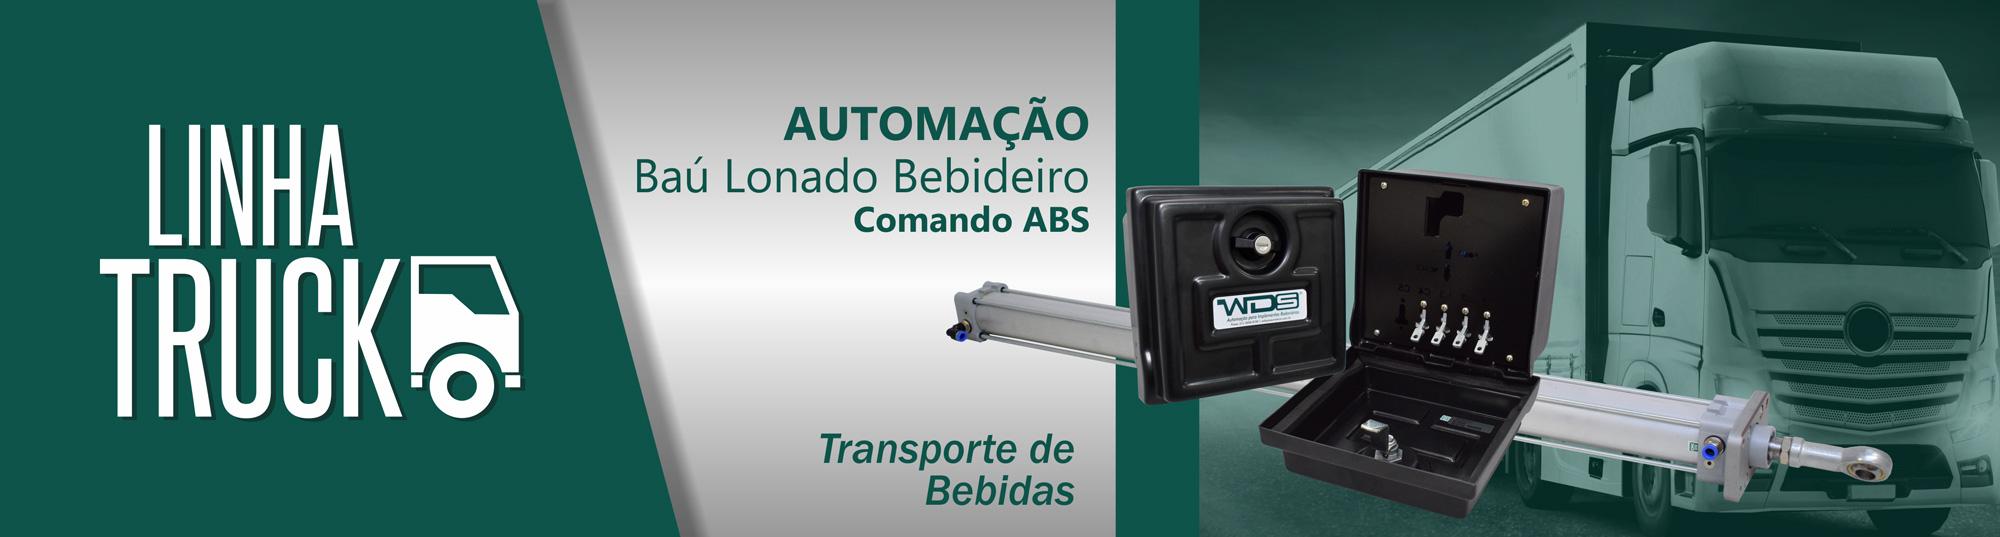 banner-Automação-Baú-Lonado-Bebideiro